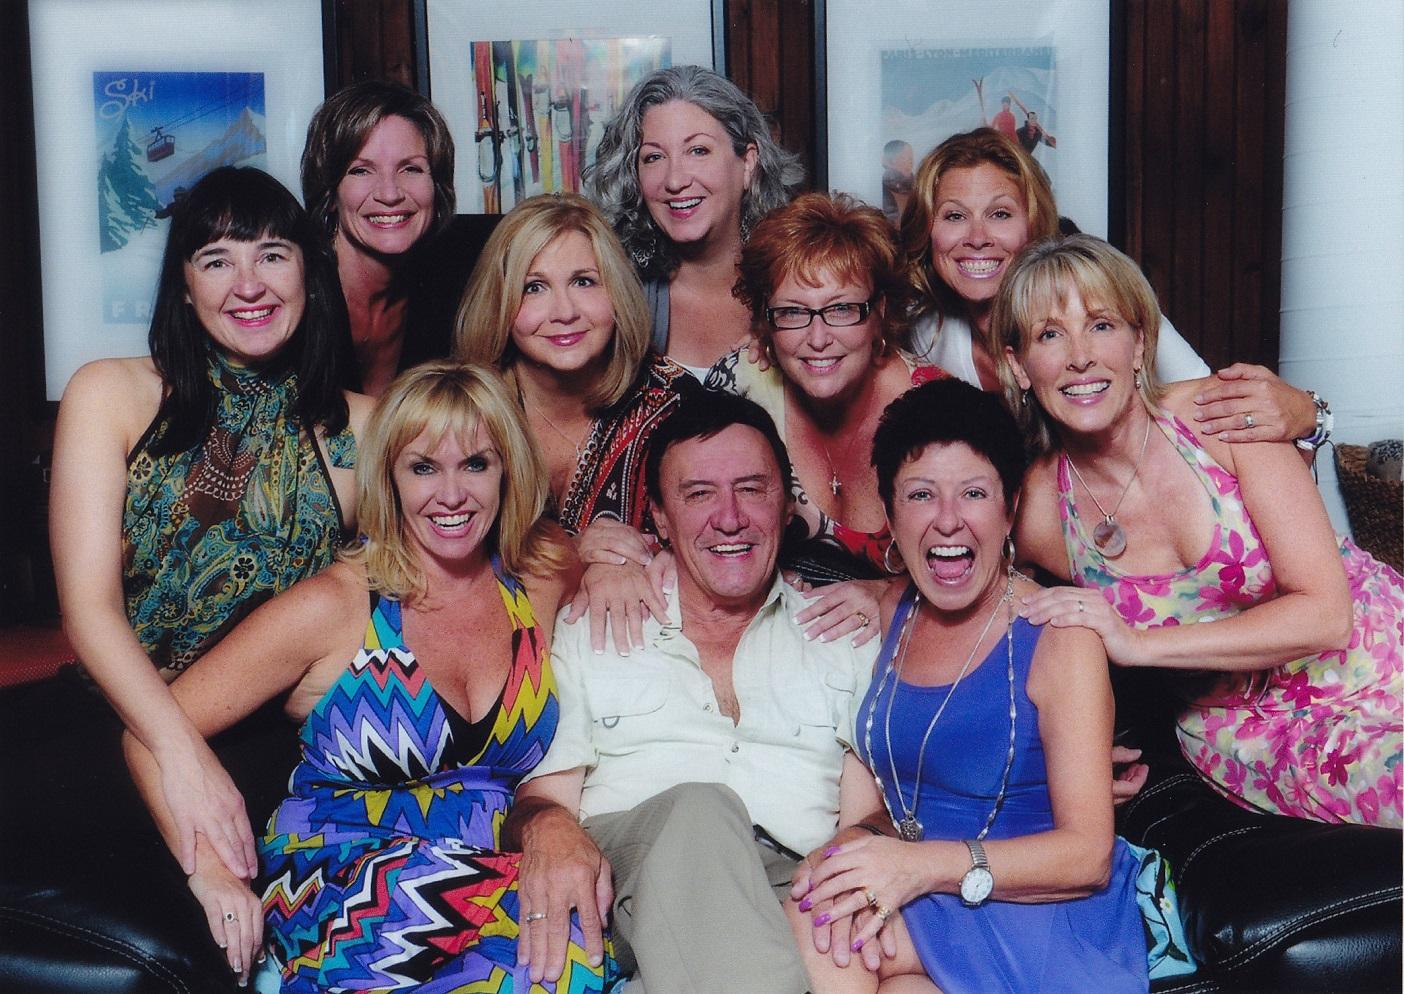 A recent reunion shot of Frankie and the original showgirls